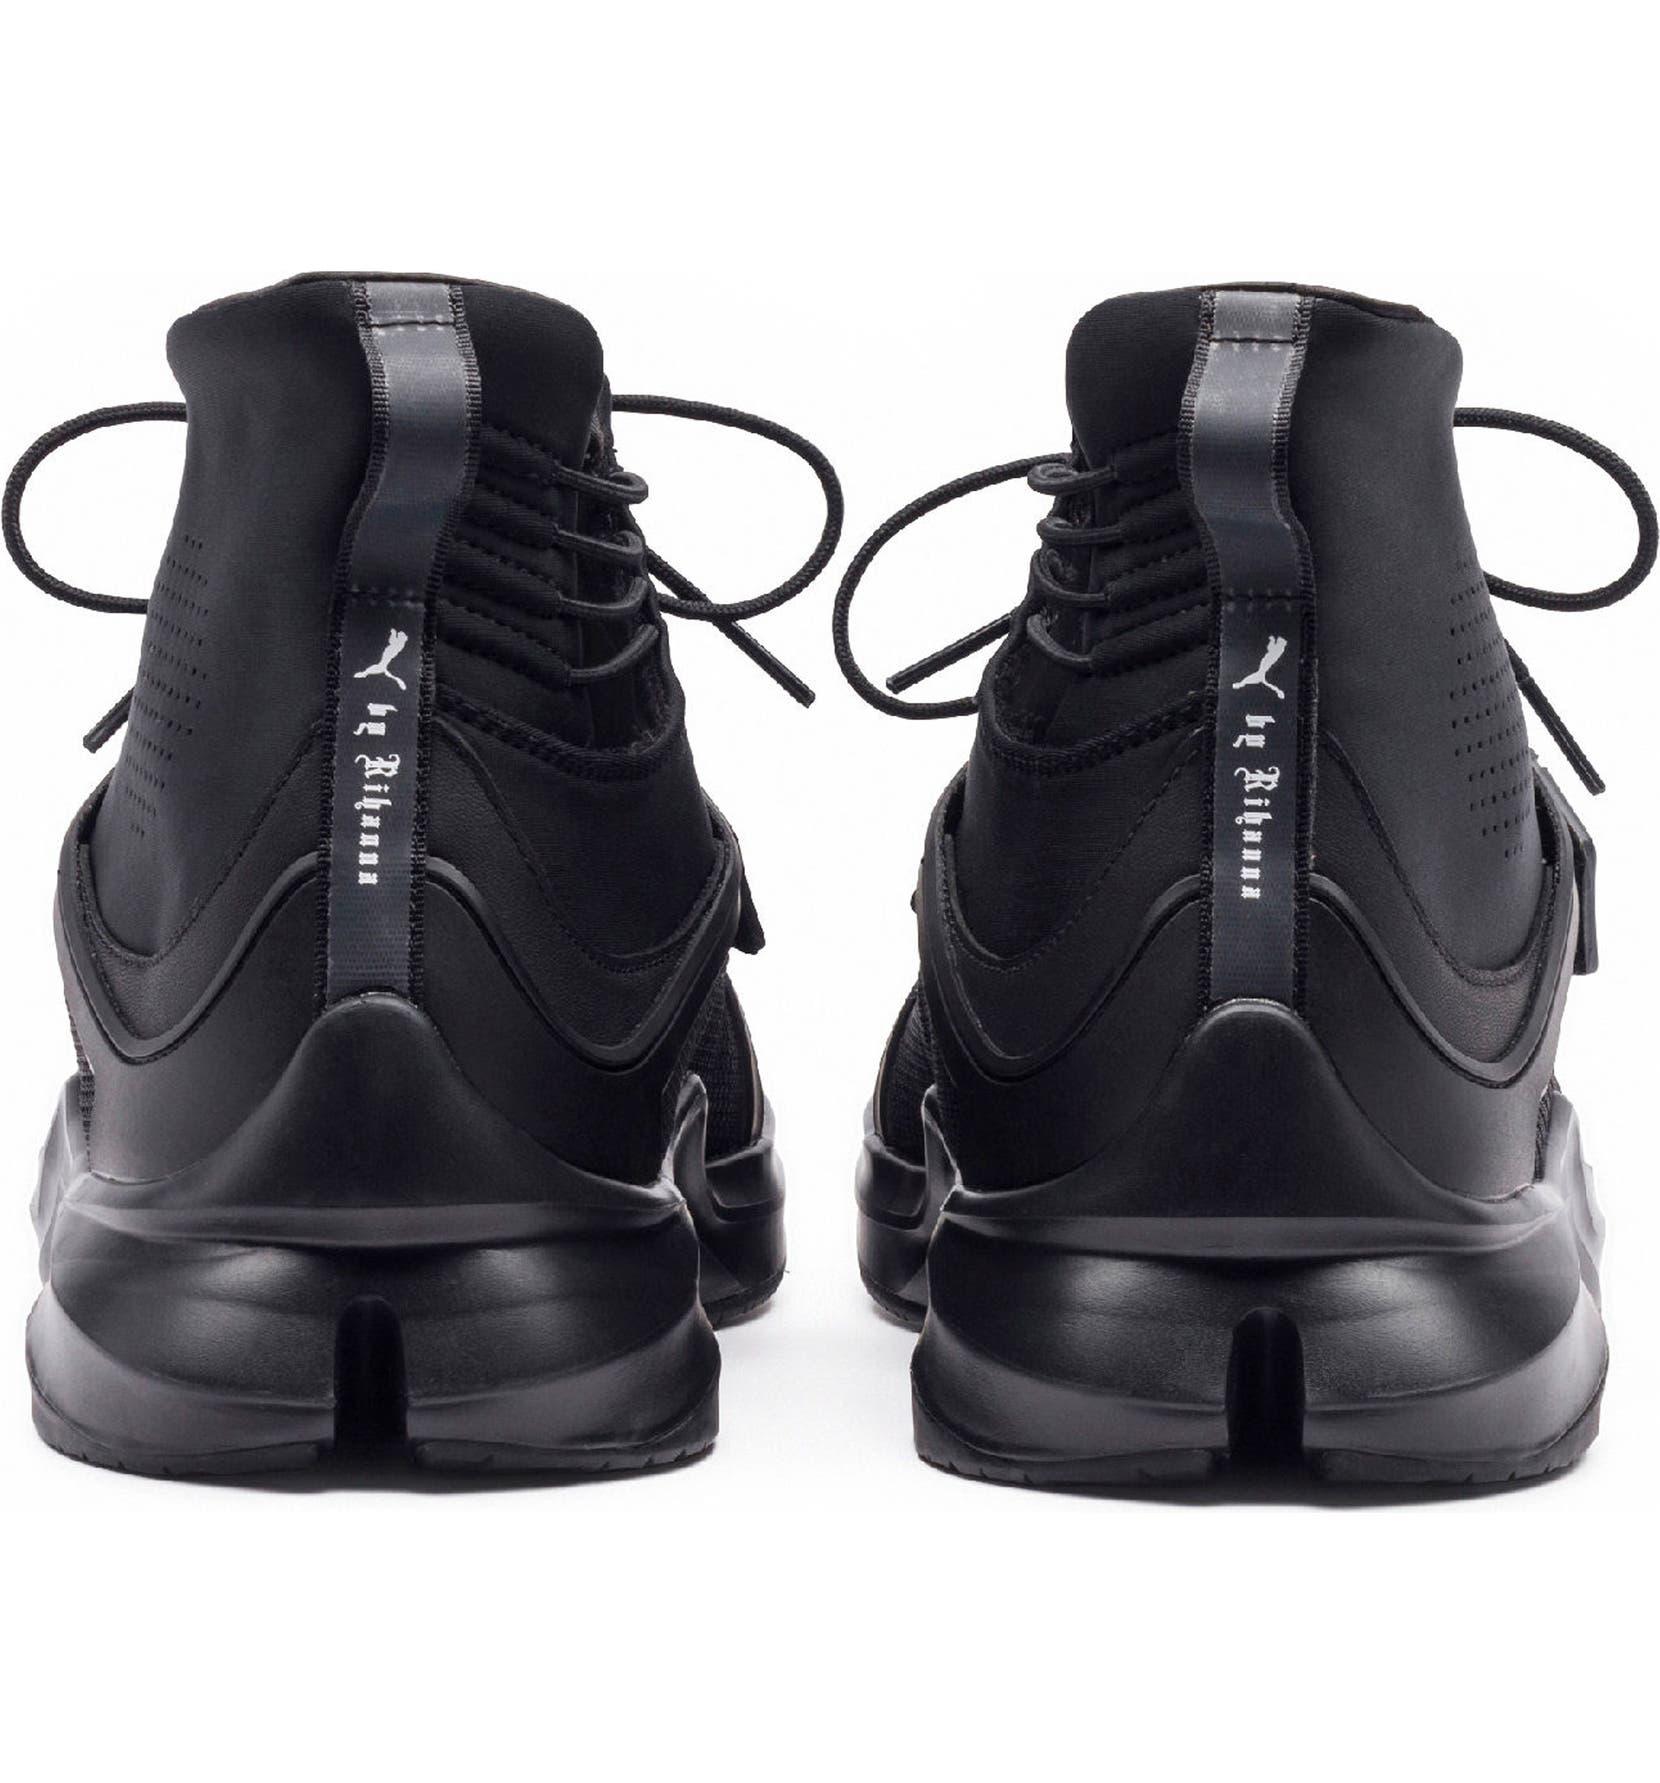 quality design ae02f ecee9 FENTY PUMA by Rihanna Trainer Sneaker